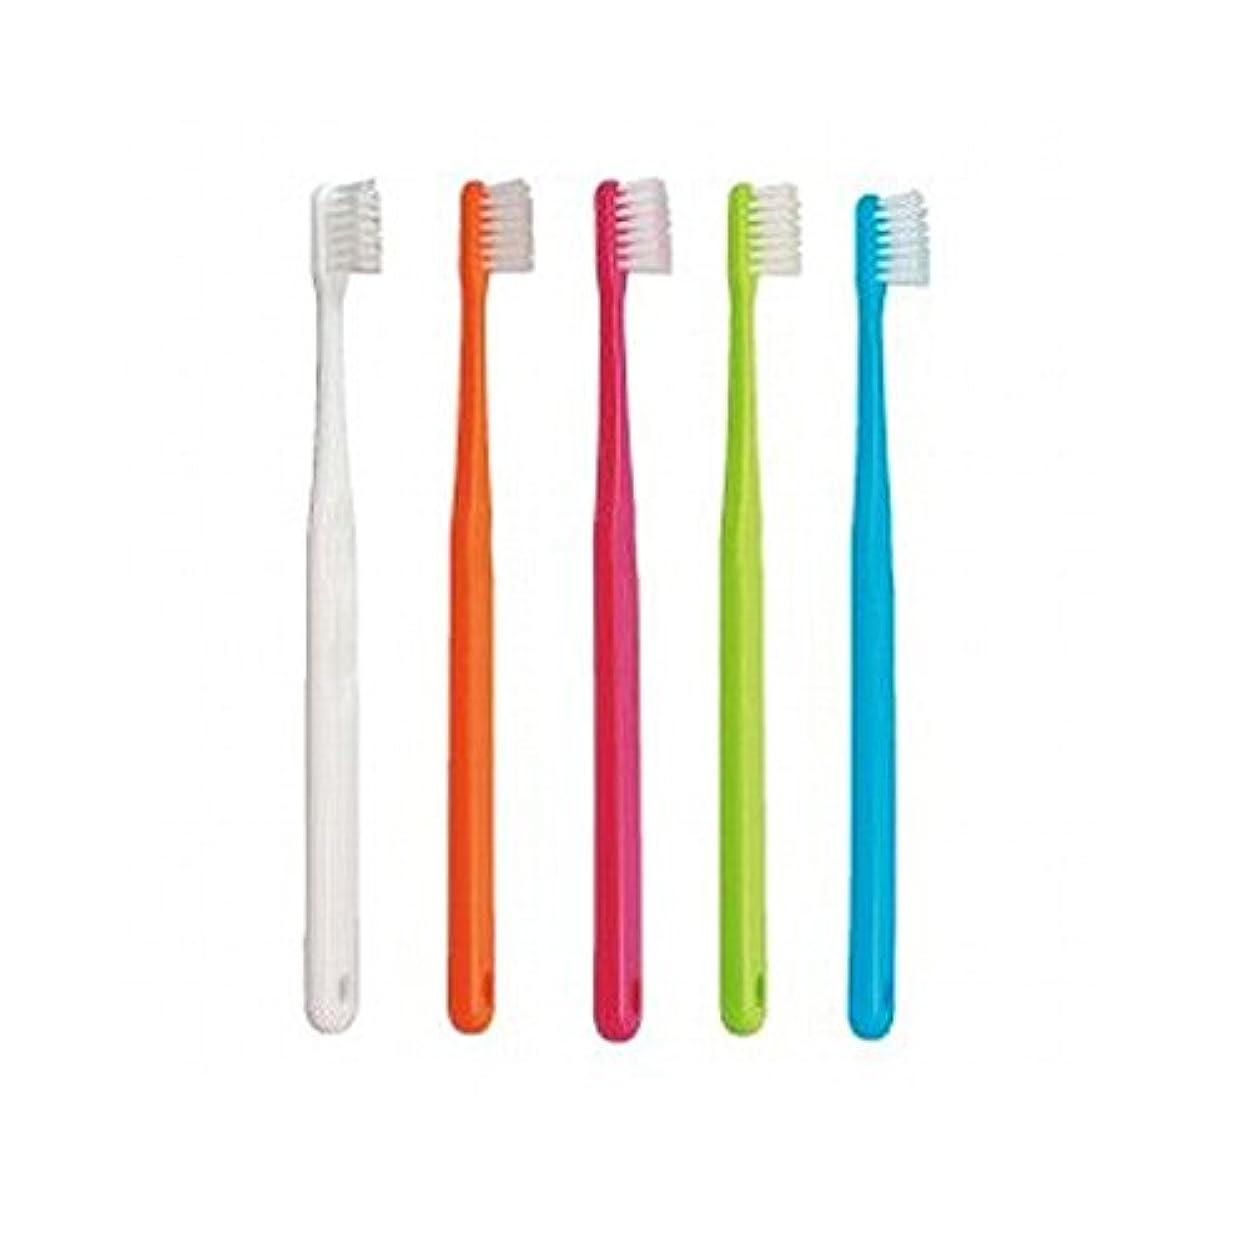 技術たまに泥棒【Ci/シーアイ】【歯科用】Ci702 25本【歯ブラシ】【ふつう】【極薄ヘッド】ハンドルカラー5色選択不可